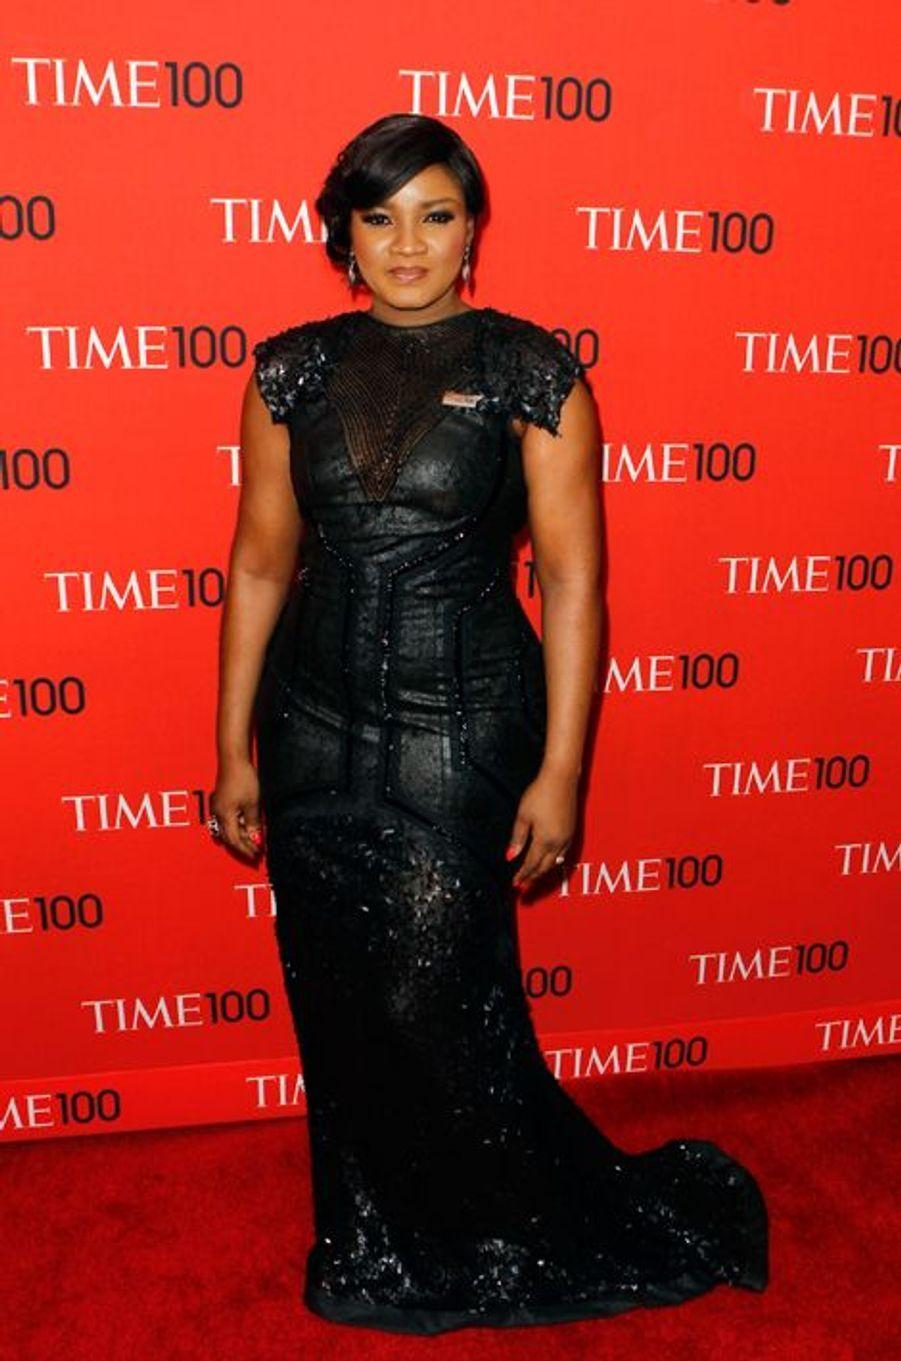 L'actrice la plus célèbre de Nollywood (Hollywood nigérian) est une icône pour la jeunesse africaine. Surnommée «Omosexy» par ses fans, la jeune femme s'investit activement dans le militantisme, en tant qu'ambassadrice des Nations Unies pour le Programme alimentaire mondial, et à travers plusieurs campagnes pour Amnesty International